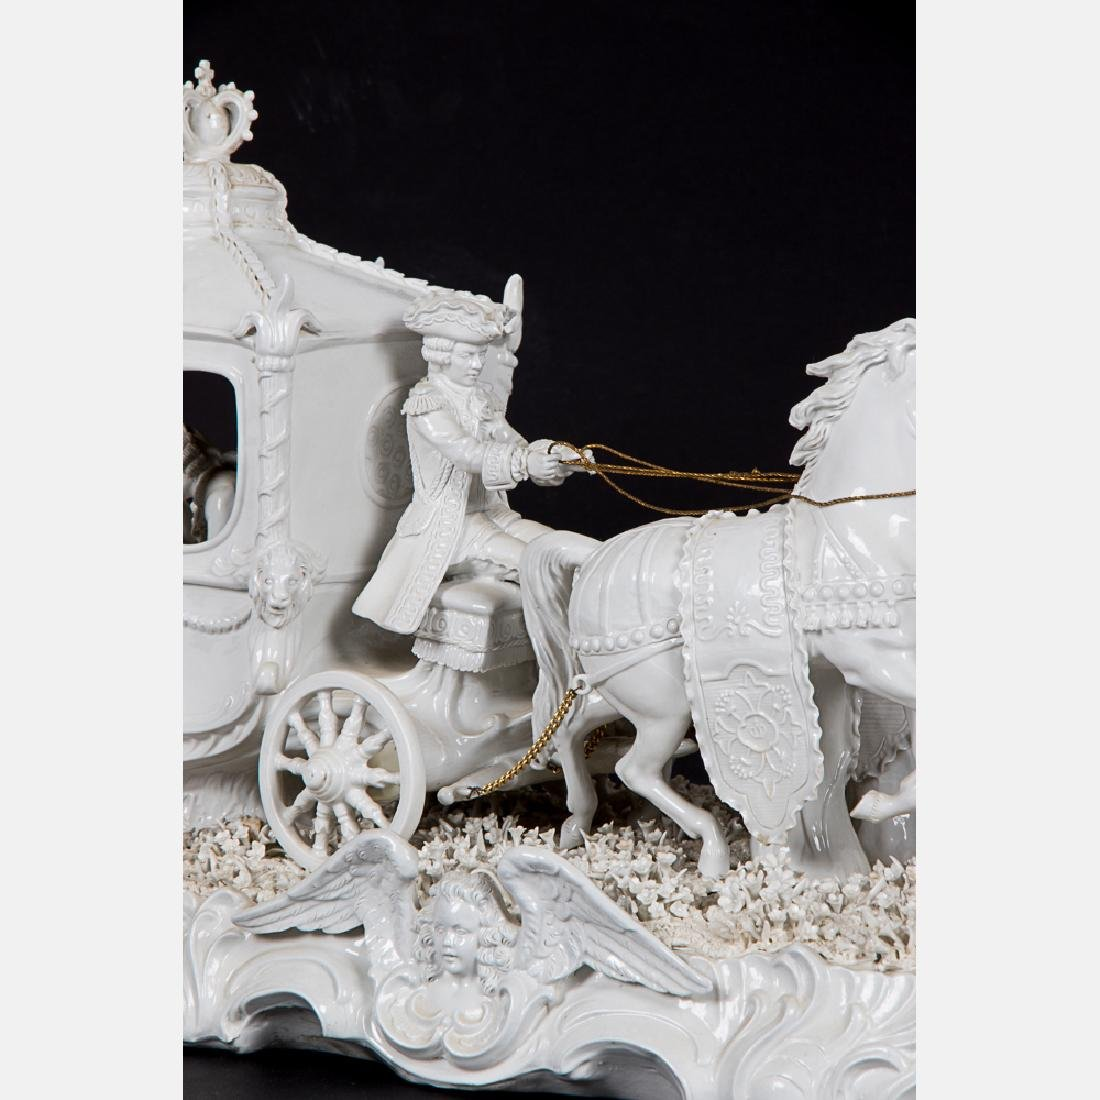 A Sitzendorf Blanc de Chine Porcelain Horse Drawn - 5